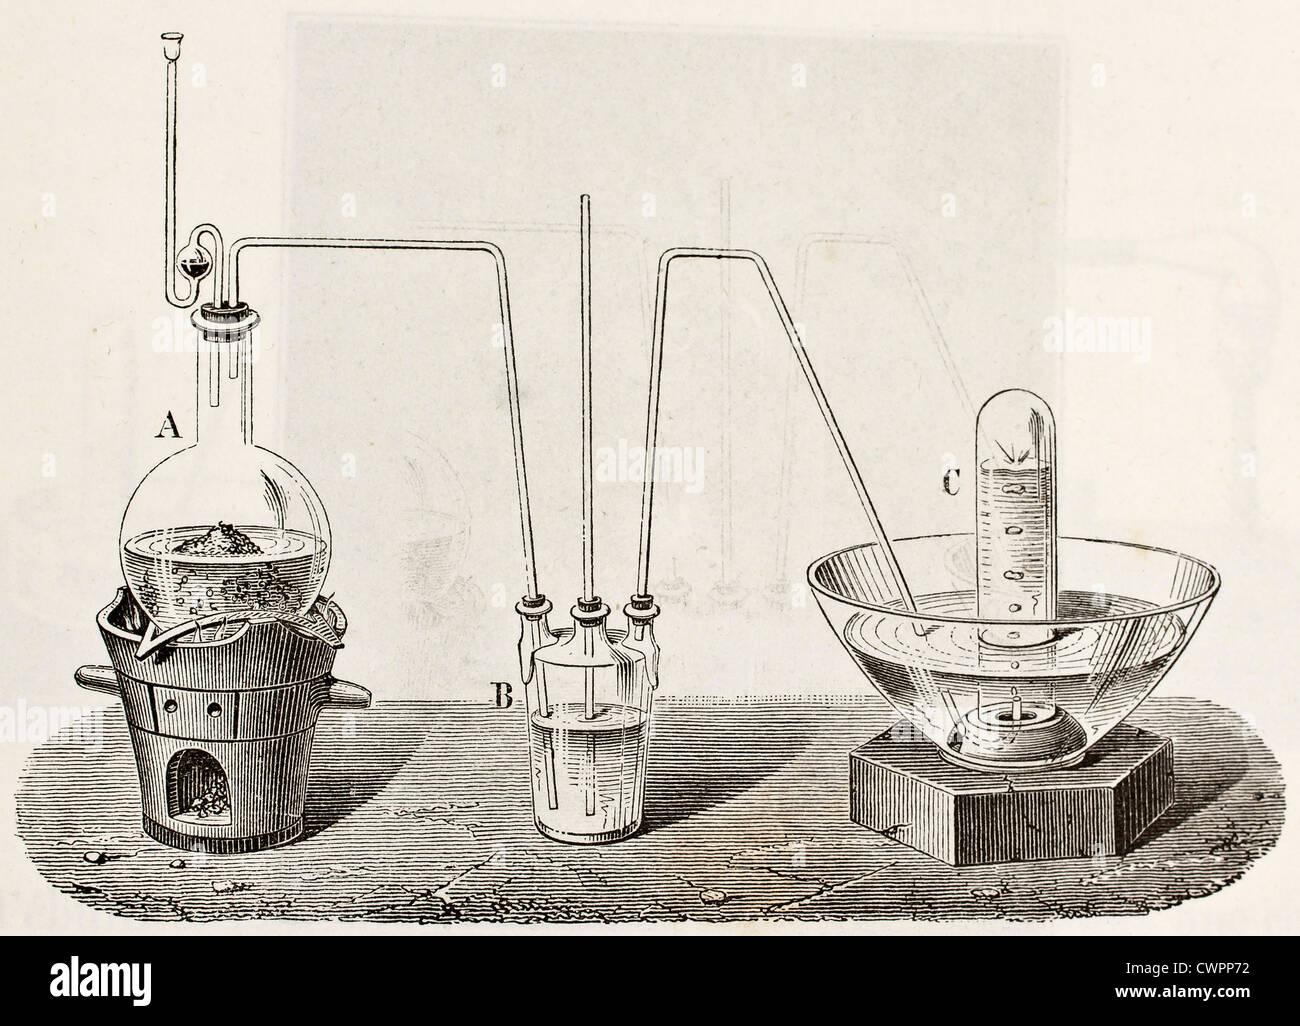 Laborgeräte für die Sauerstoffproduktion Stockbild